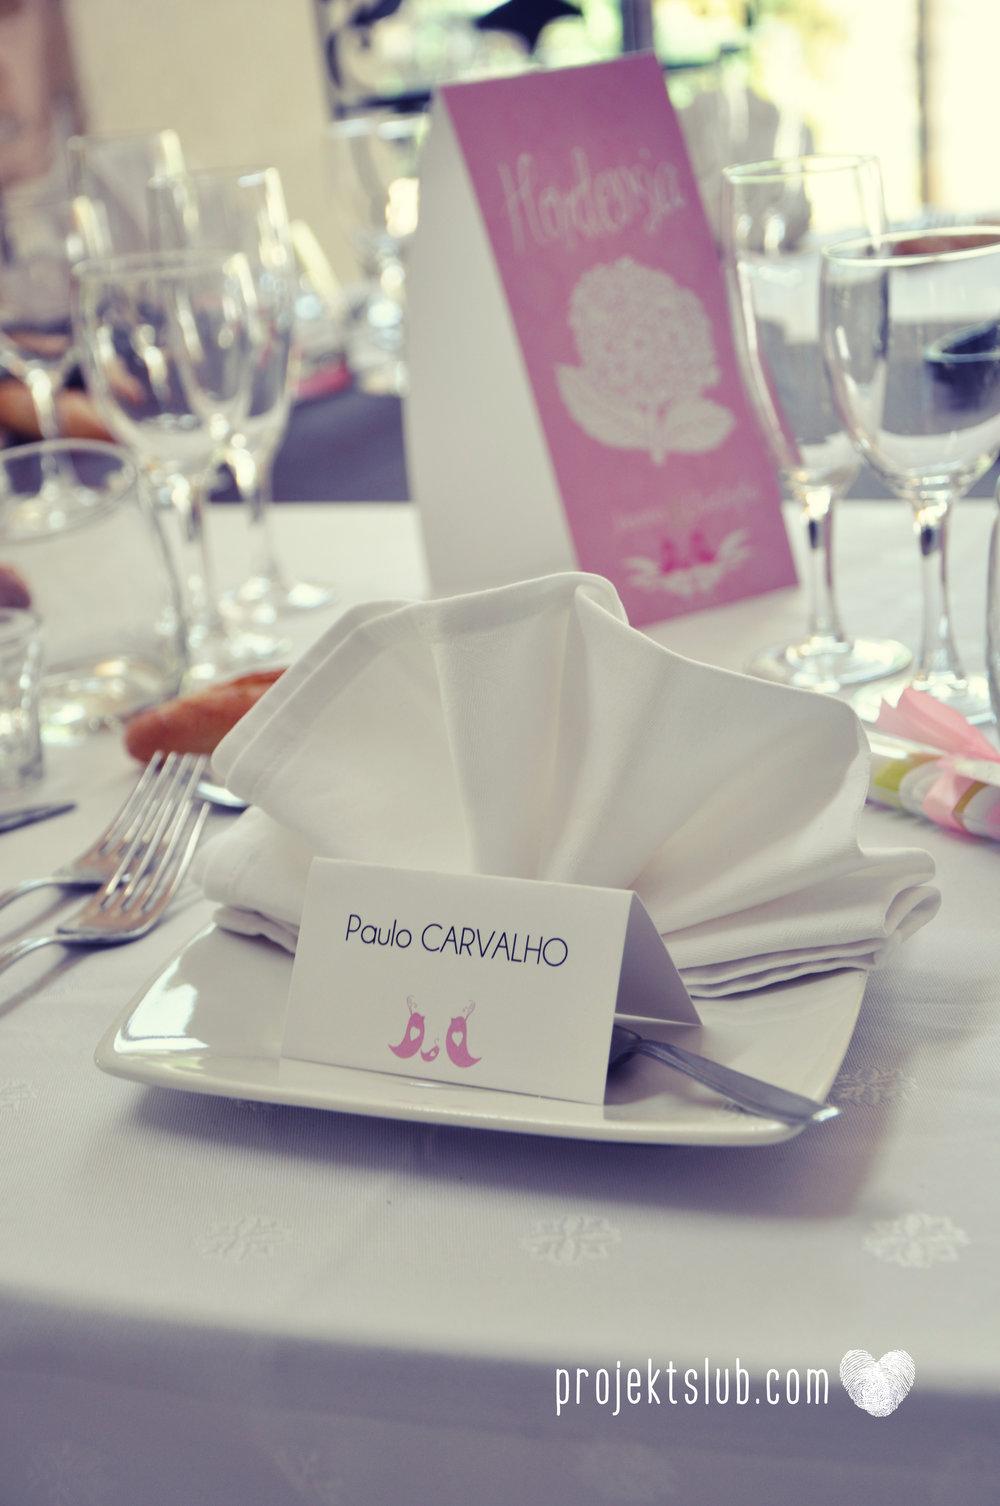 zaproszenia-ślubne-eleganckie-glamour-ptaszki-zaproszenia-dla-par-z-dzieckiem-różowy-róż-zielony-zaproszenia-projekt-ślub  (11).jpg